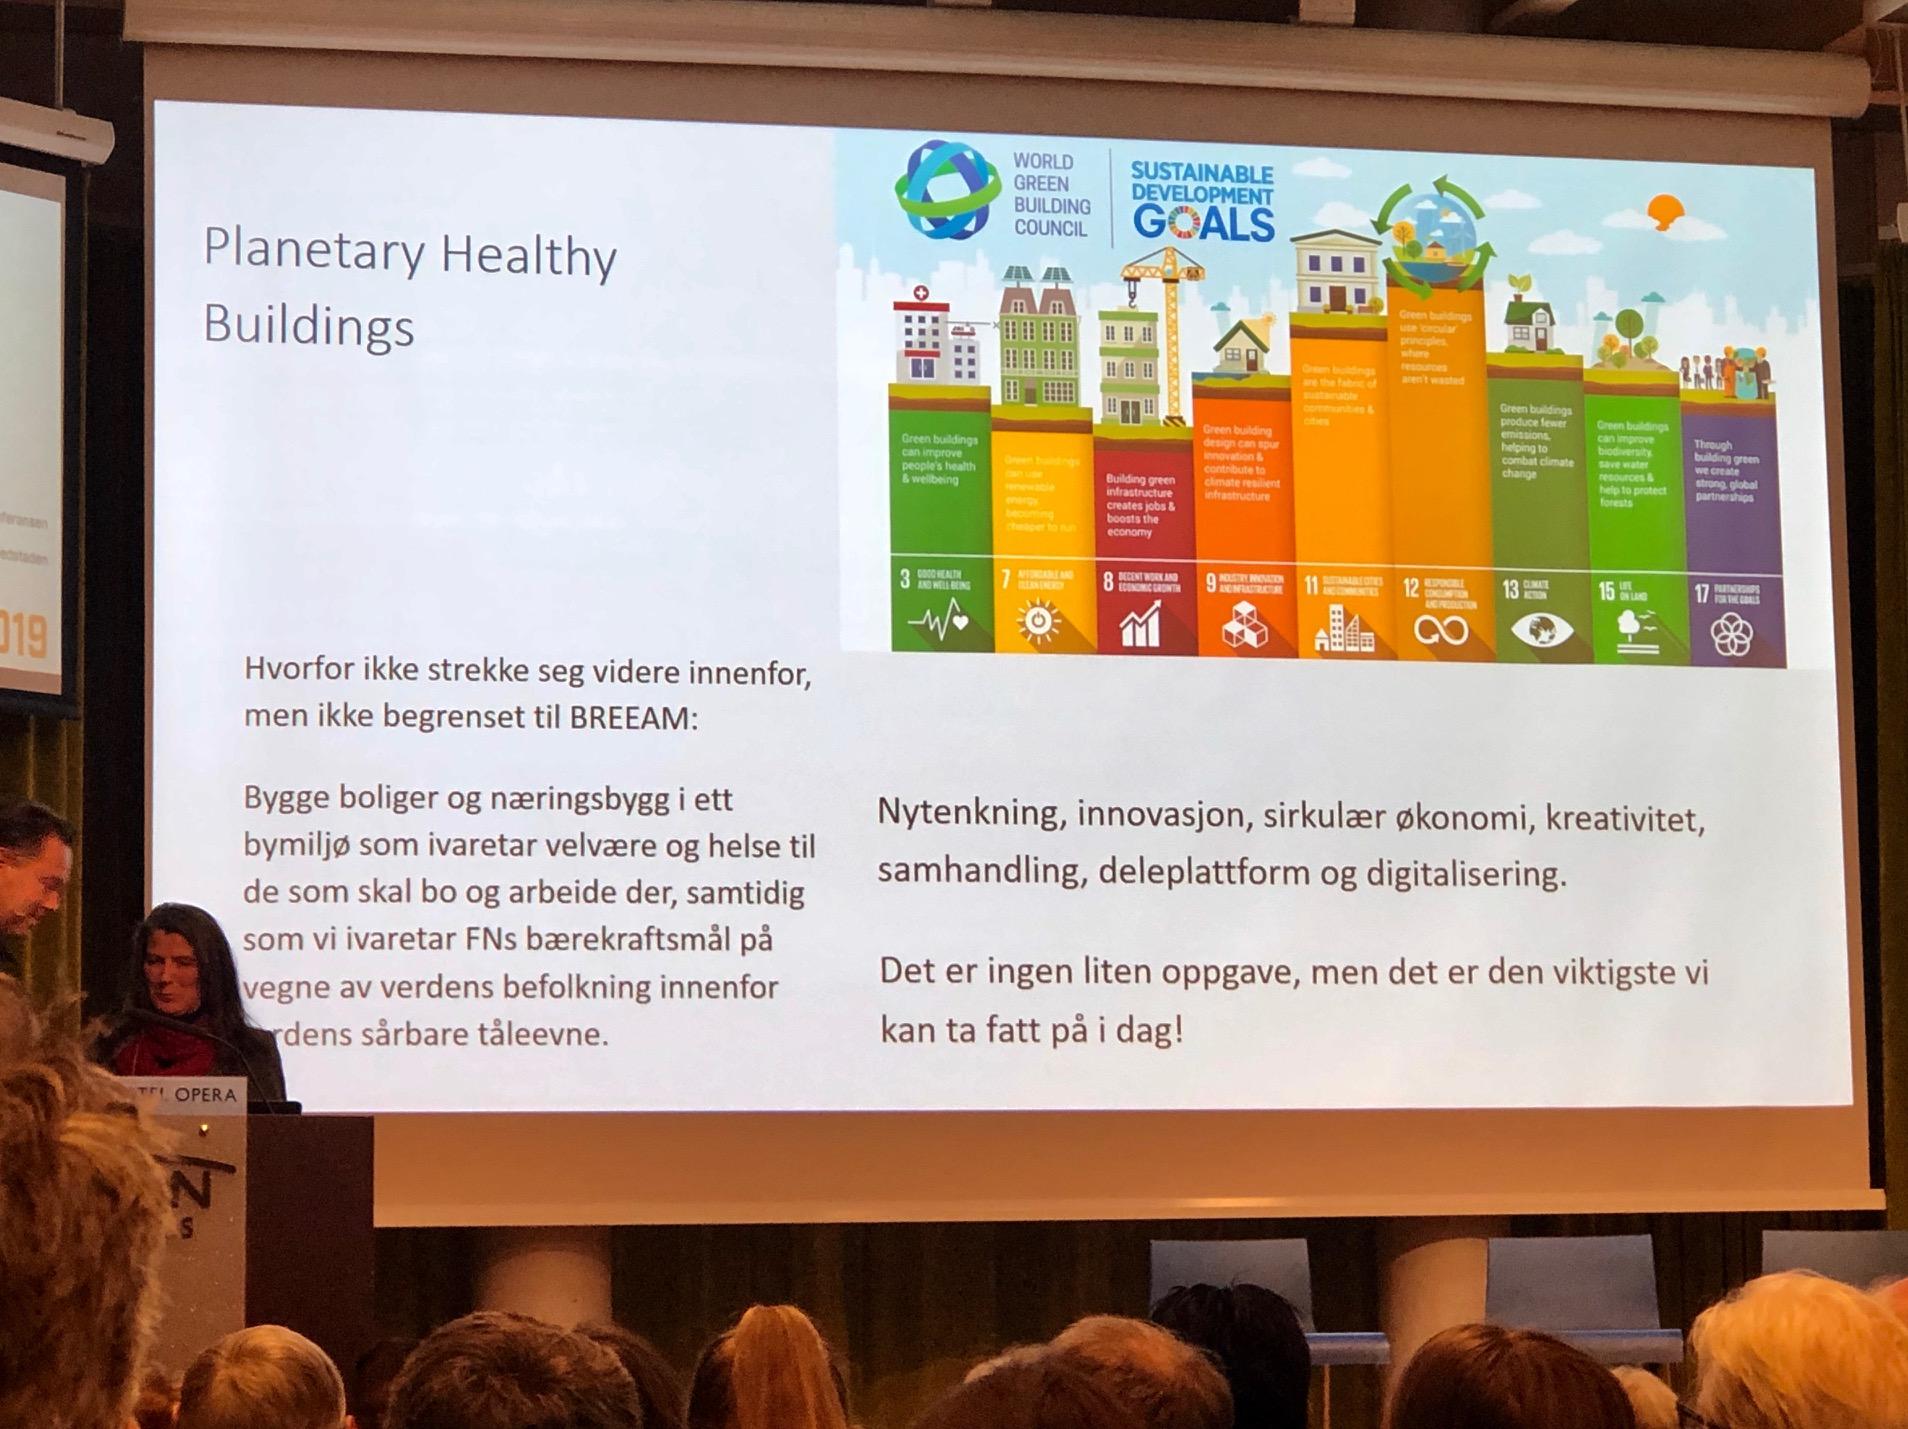 Marie Winsvold fortalte om BREEAM Bolig, og var også veldig tydelig på sitt engasjement for bærekraft - i et større perspektiv enn kun det tekniske. FNs Bærekraftsmål var absolutt tilstede i innlegget.